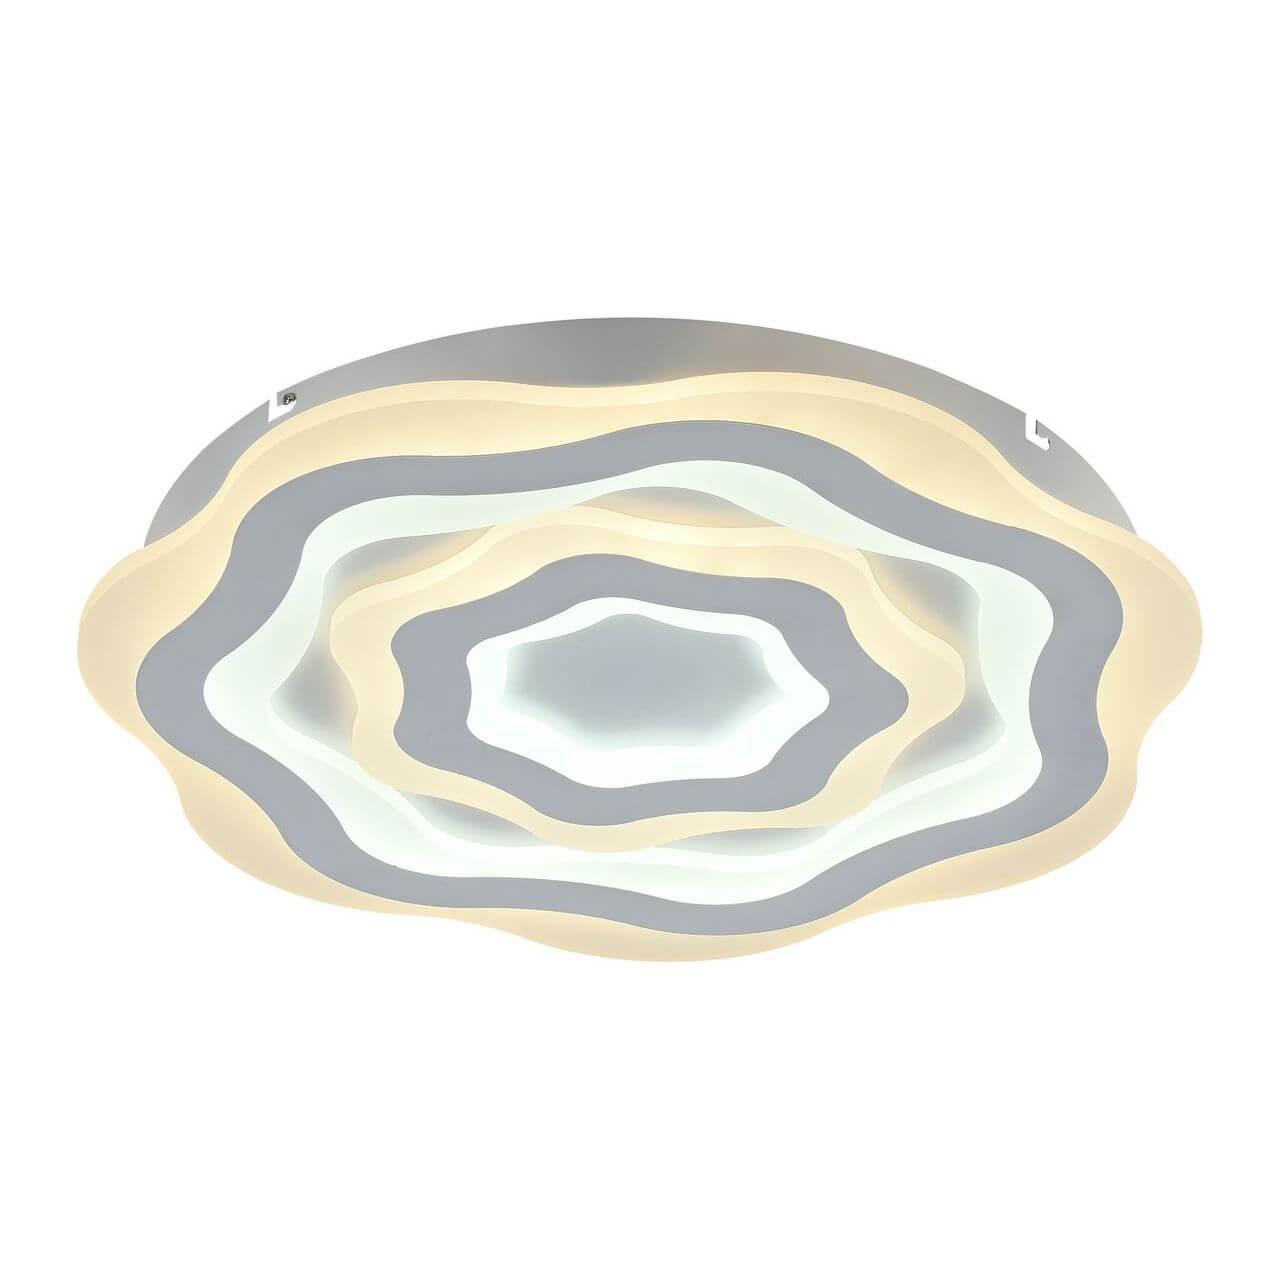 Потолочный светильник F-Promo 2287-5C, LED, 80 Вт светильник favourite ledolution 2283 5c